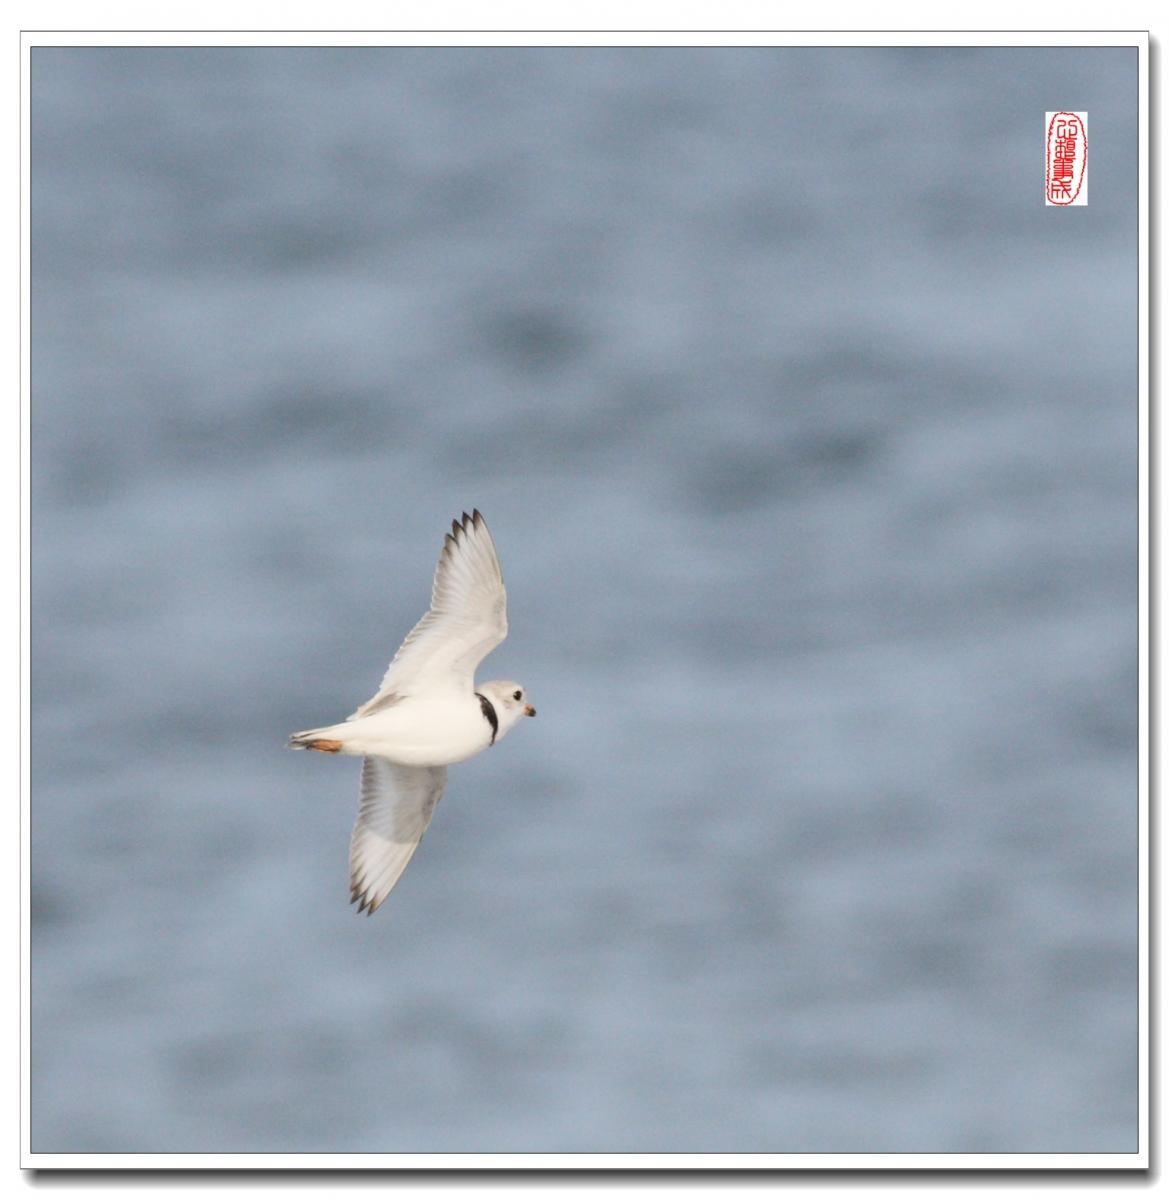 【心想事成】 飞鸟随拍图之二_图1-10